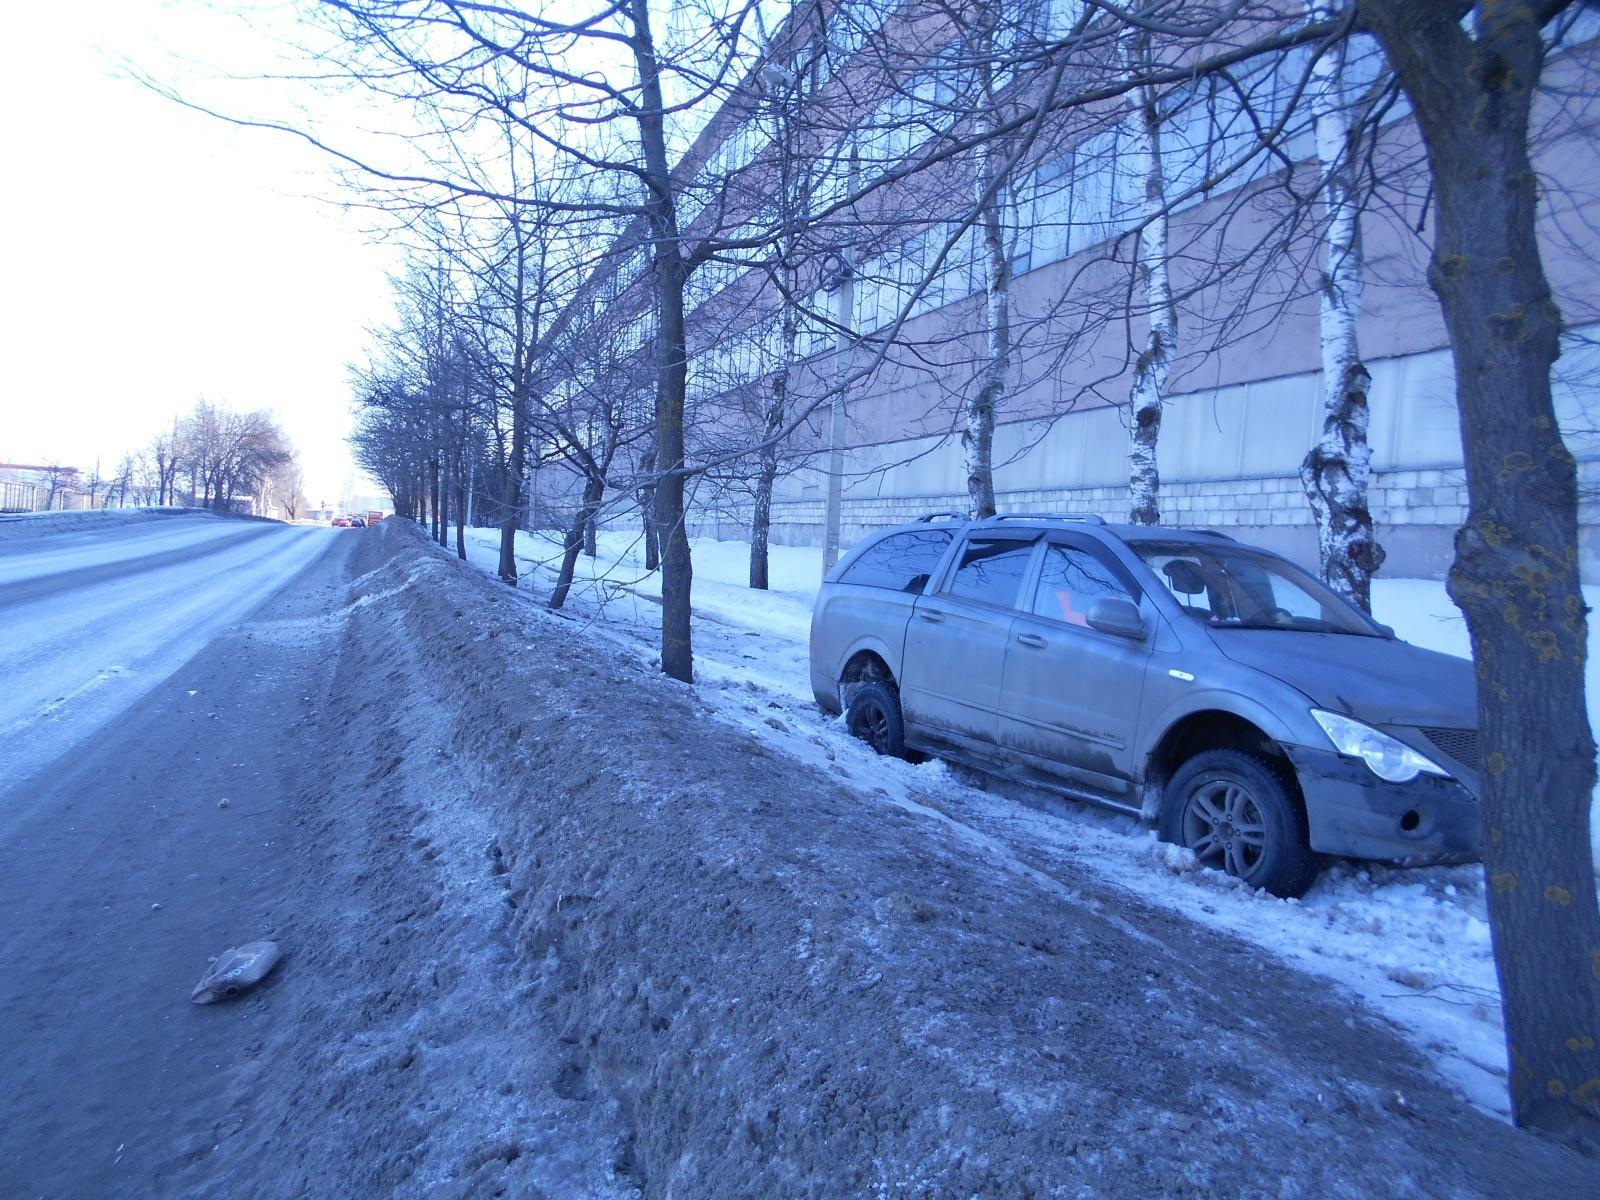 В Рыбинске иномарка вылетела с дороги и врезалась в дерево: пострадала двухлетняя девочка